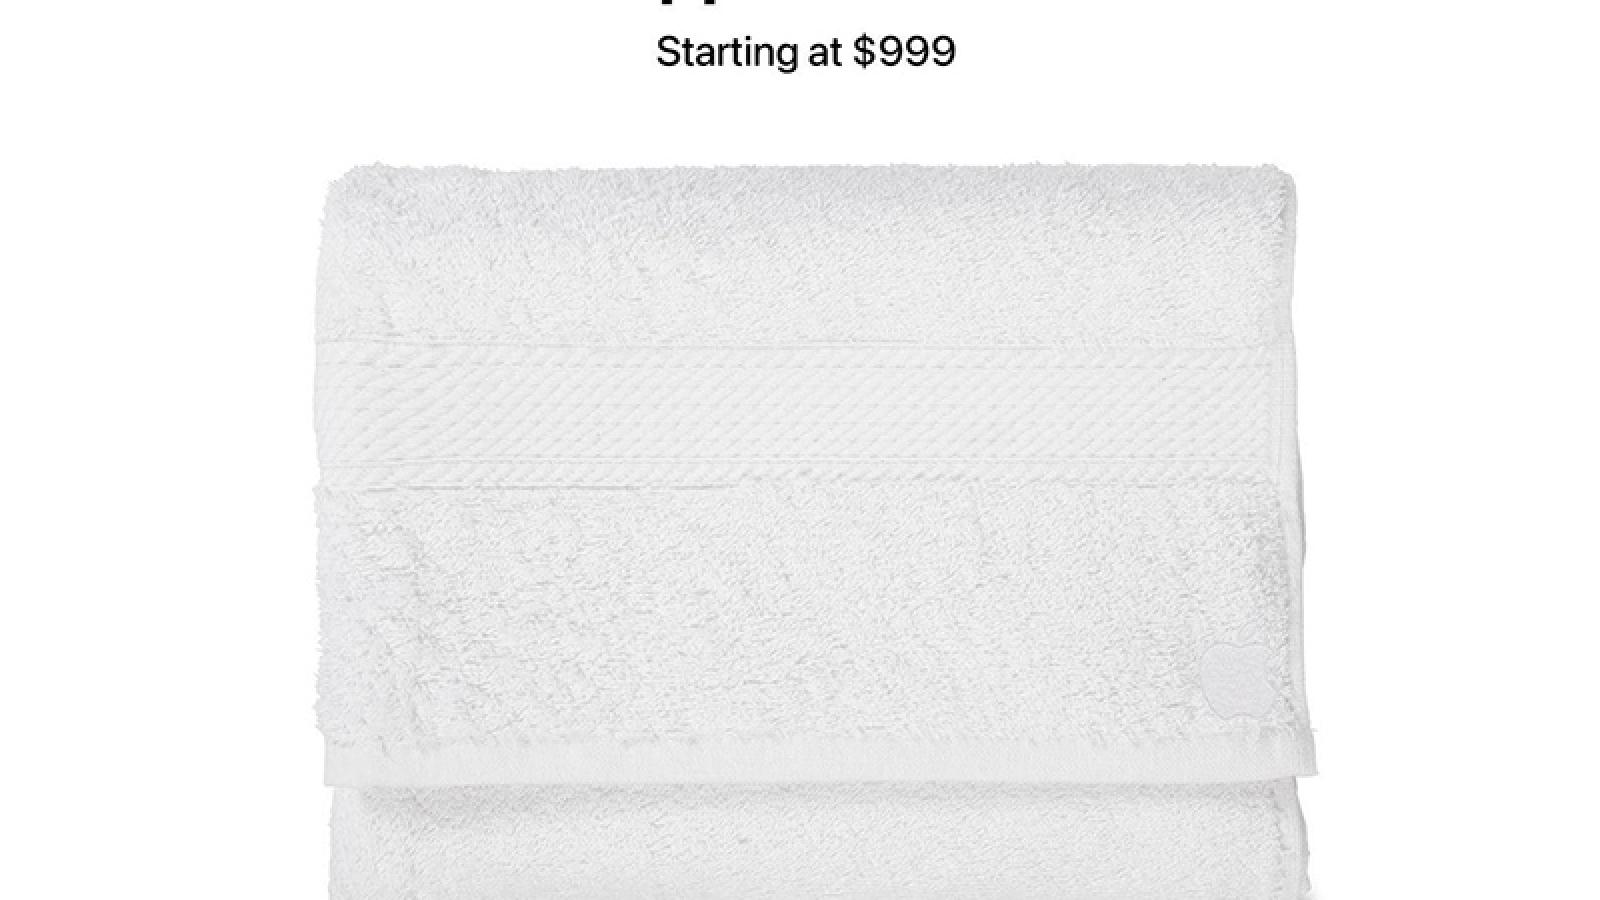 Apple có thể ra mắt khăn tắm biển Apple Towel Max giá 999 USD